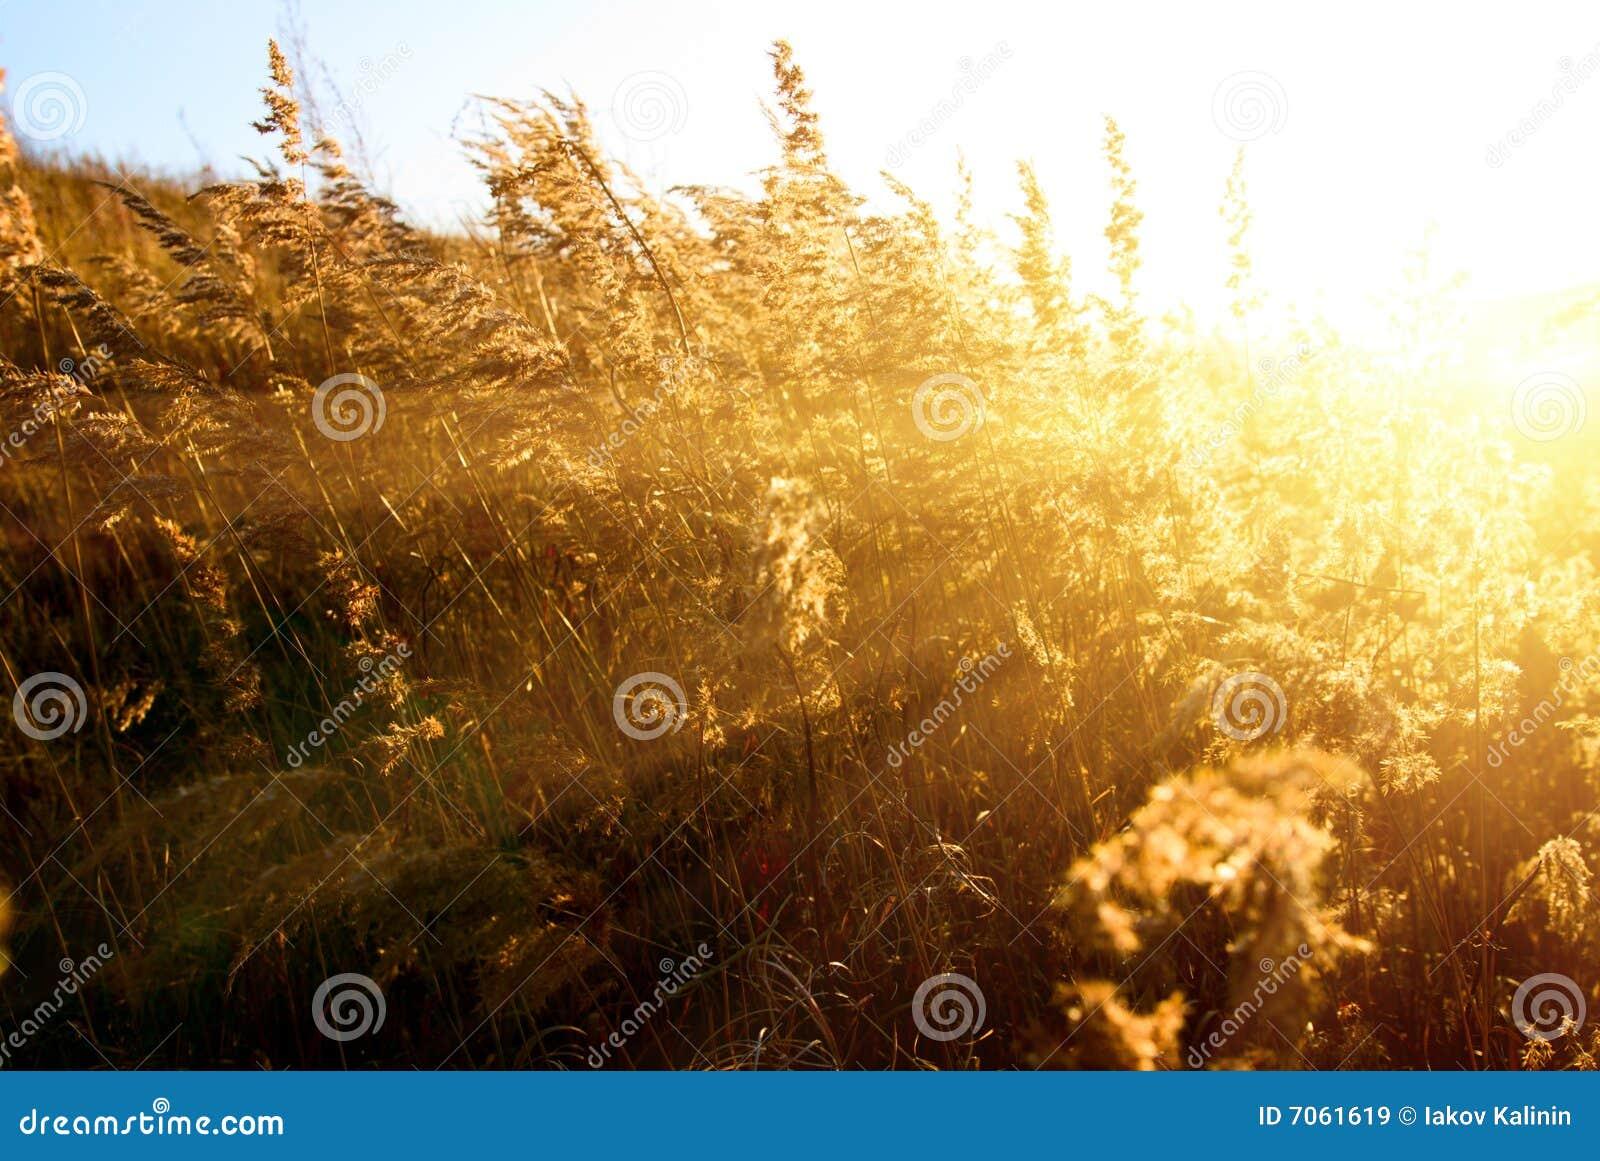 Het gele gras van de herfst